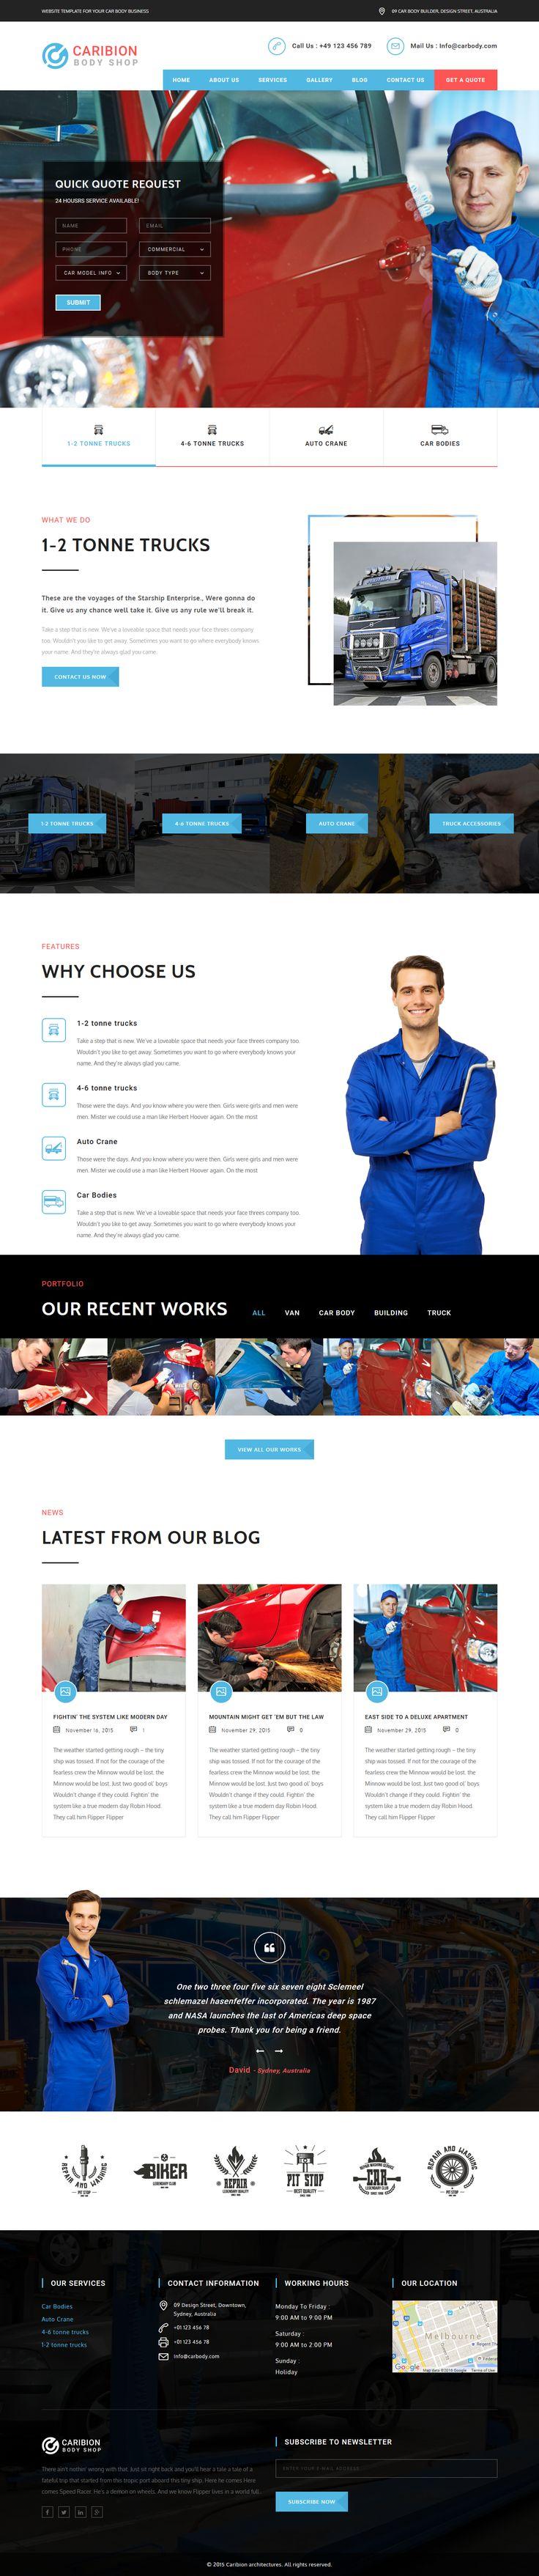 Caribion - Responsive Workshop and repair Wordpress theme